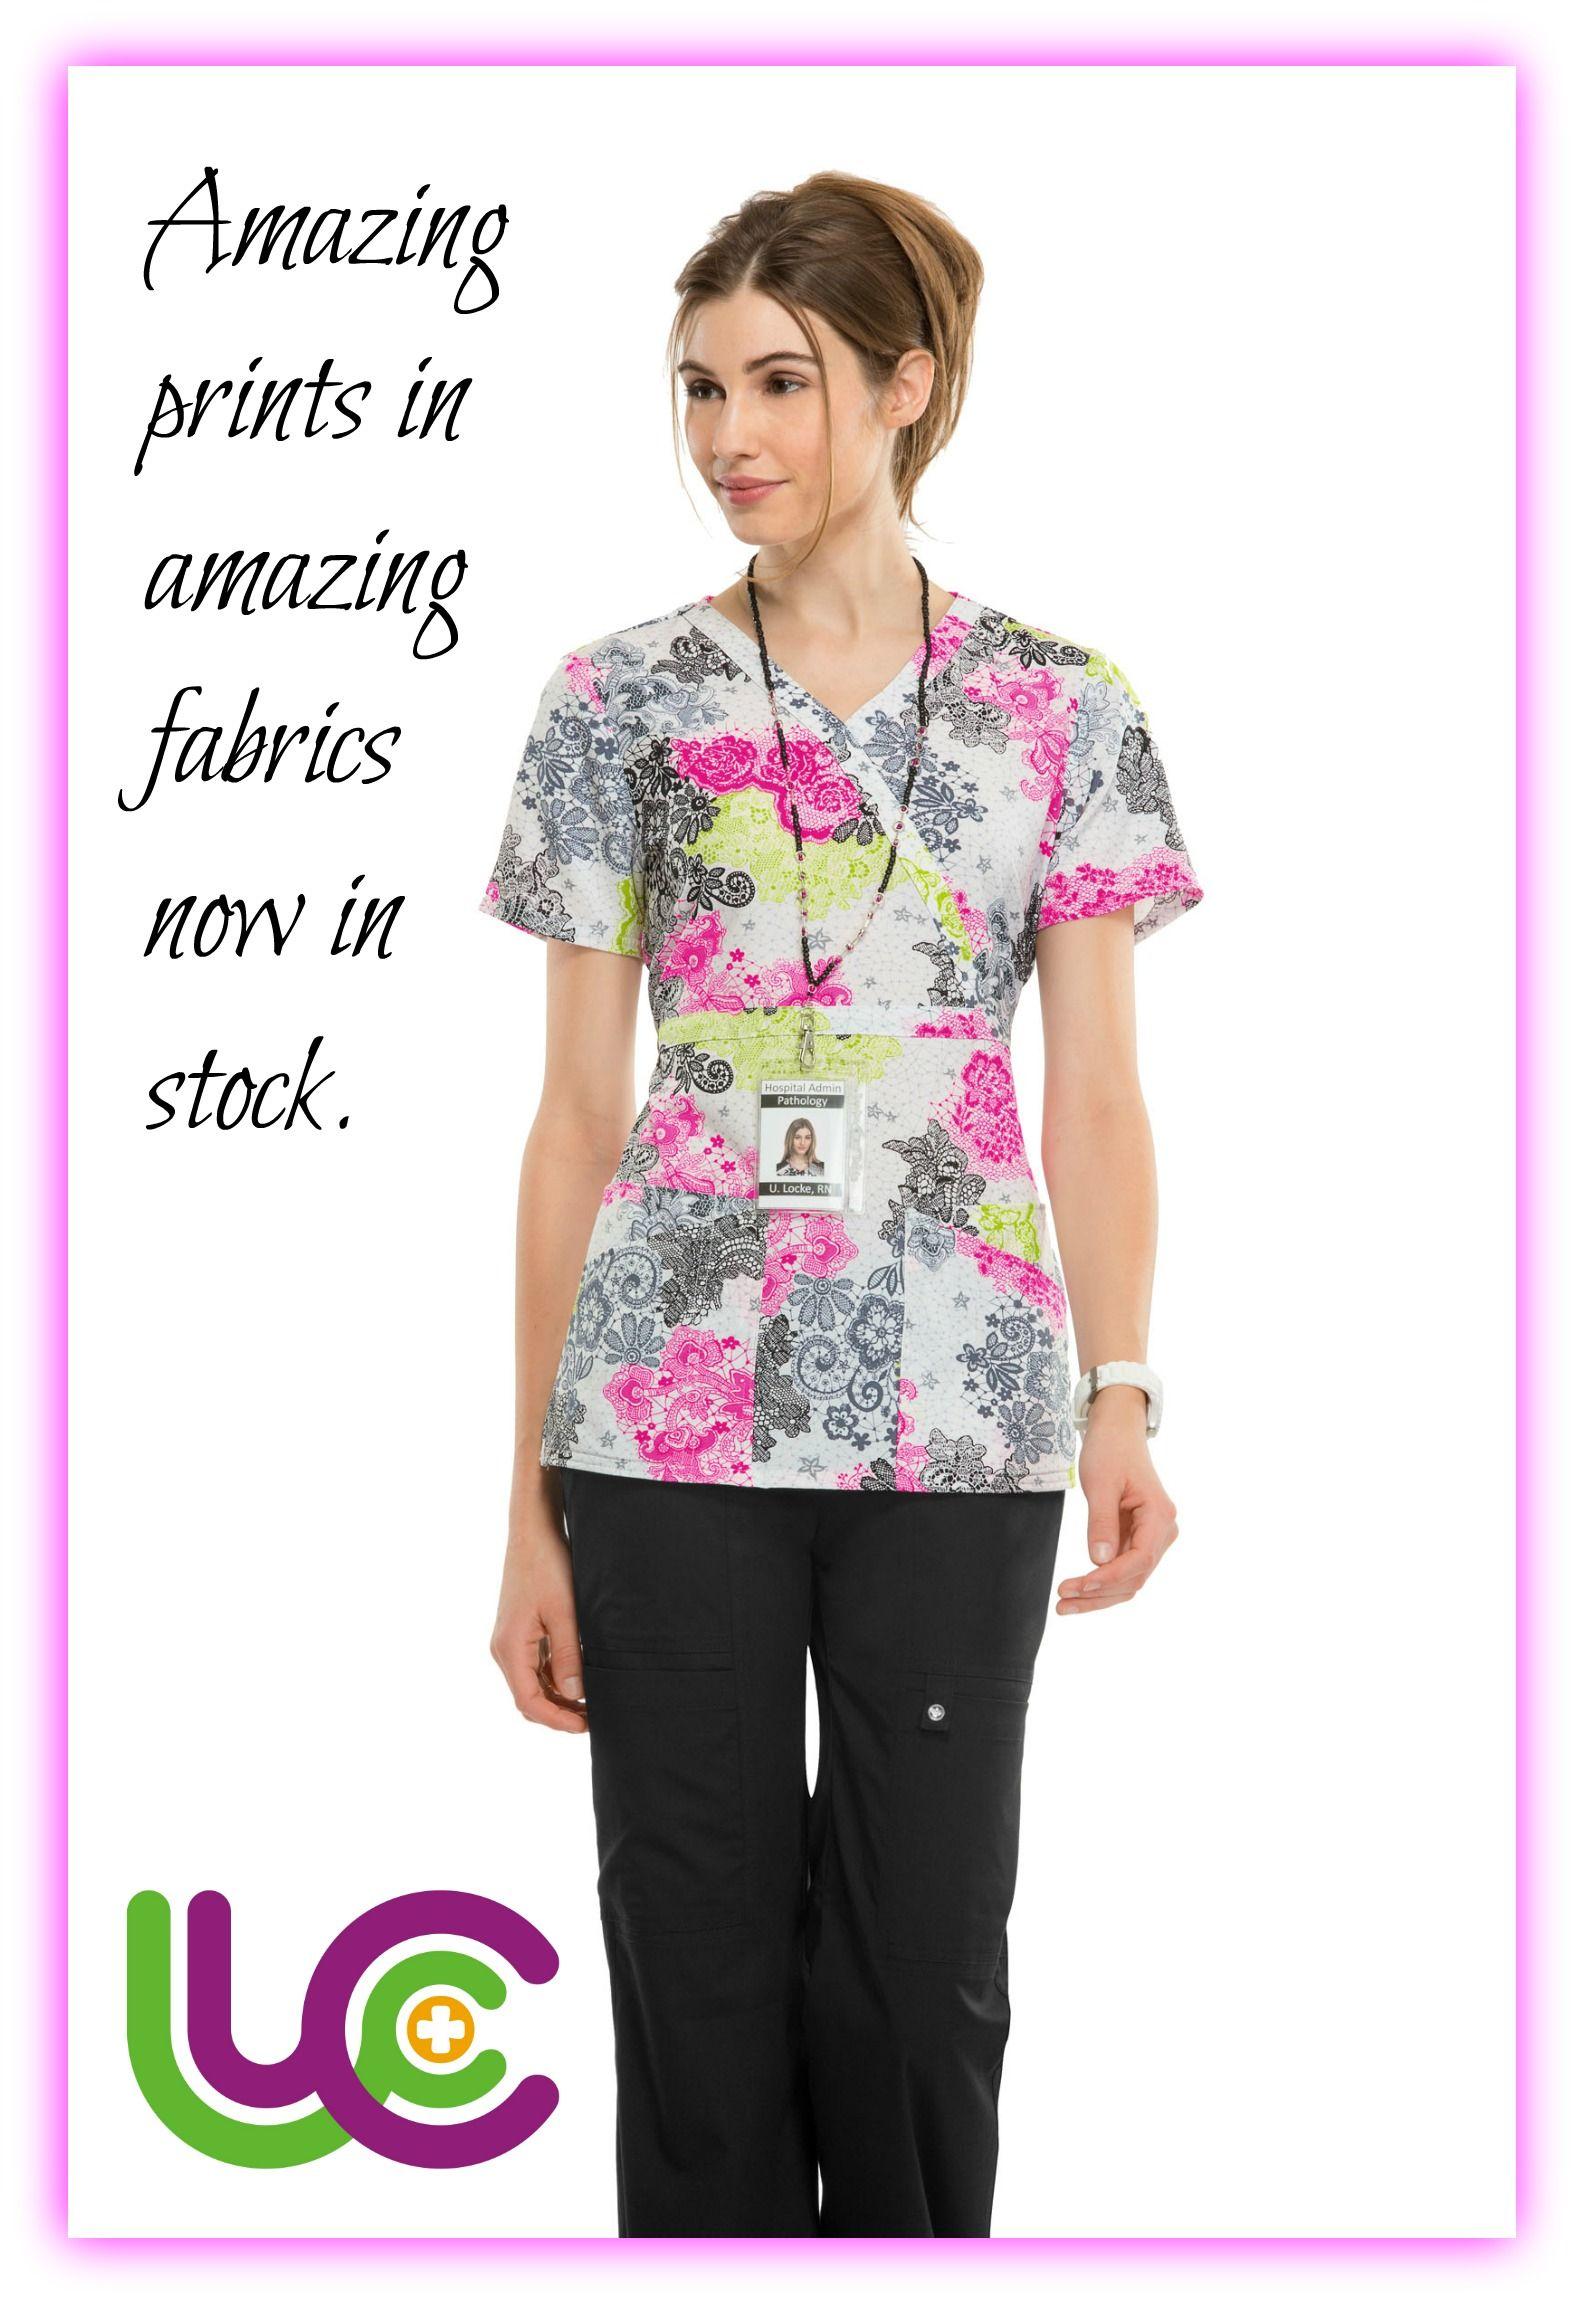 Amazing prints in amazing fabrics in stock now nurses